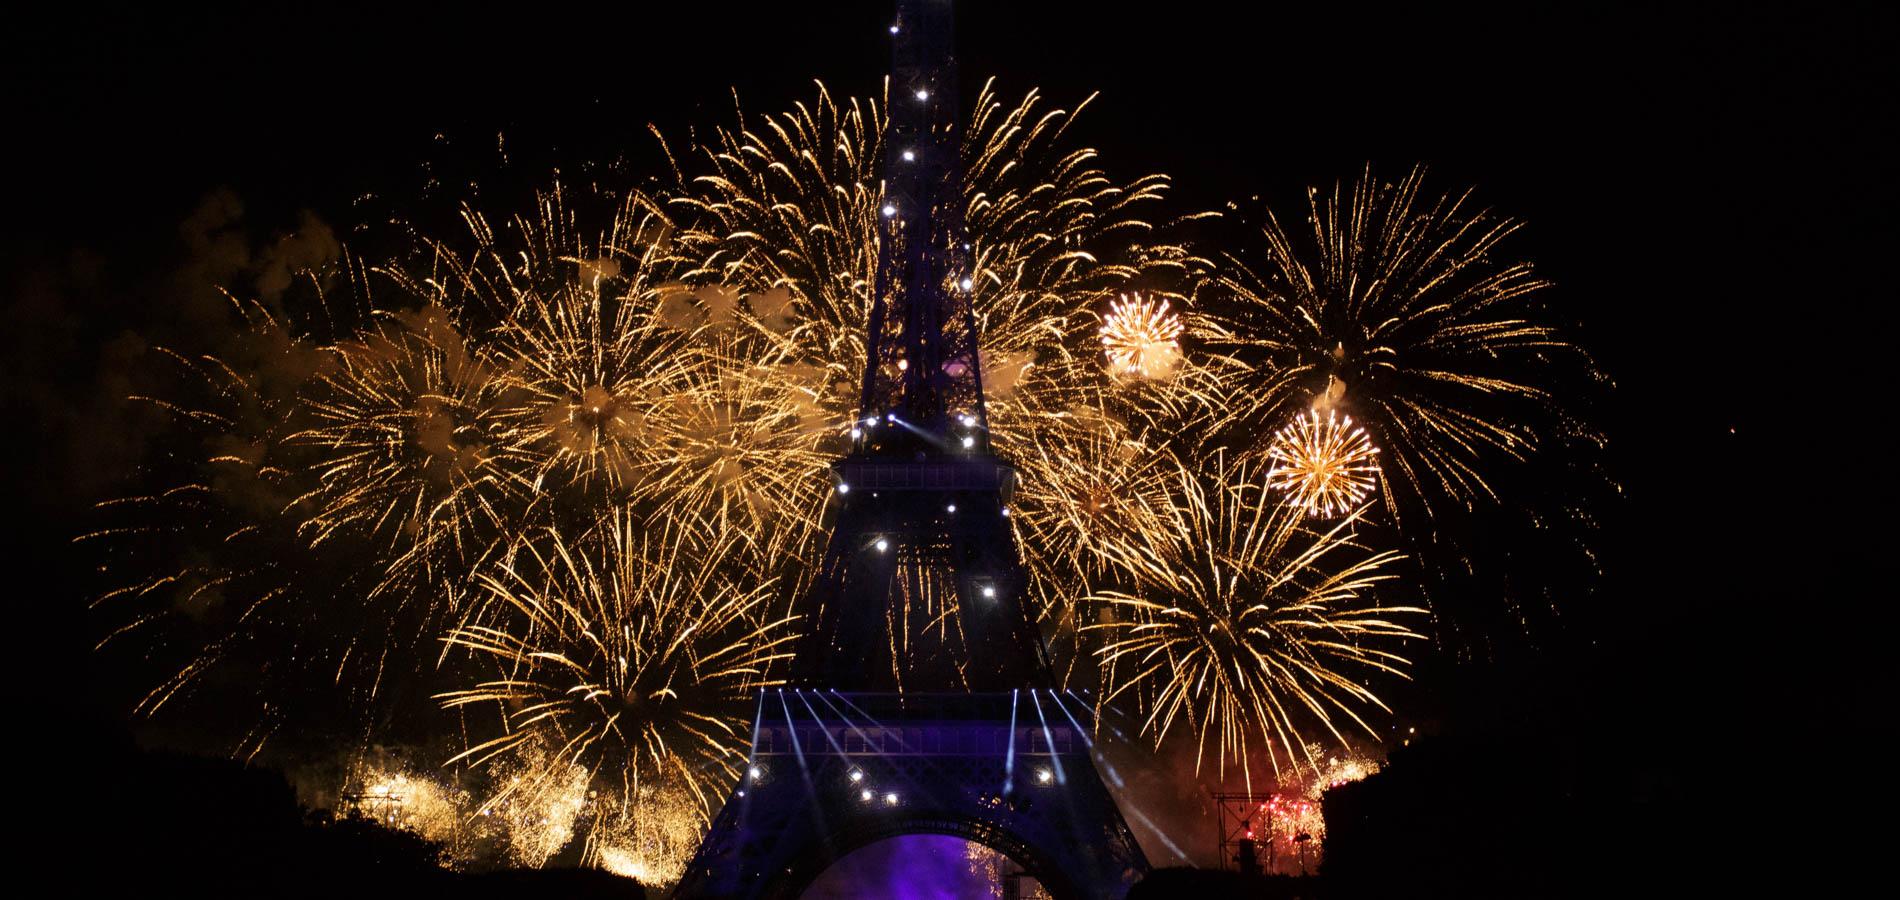 Quand la dame de fer s'illumine de mille feux pour la fête national Française du 14 Juillet.